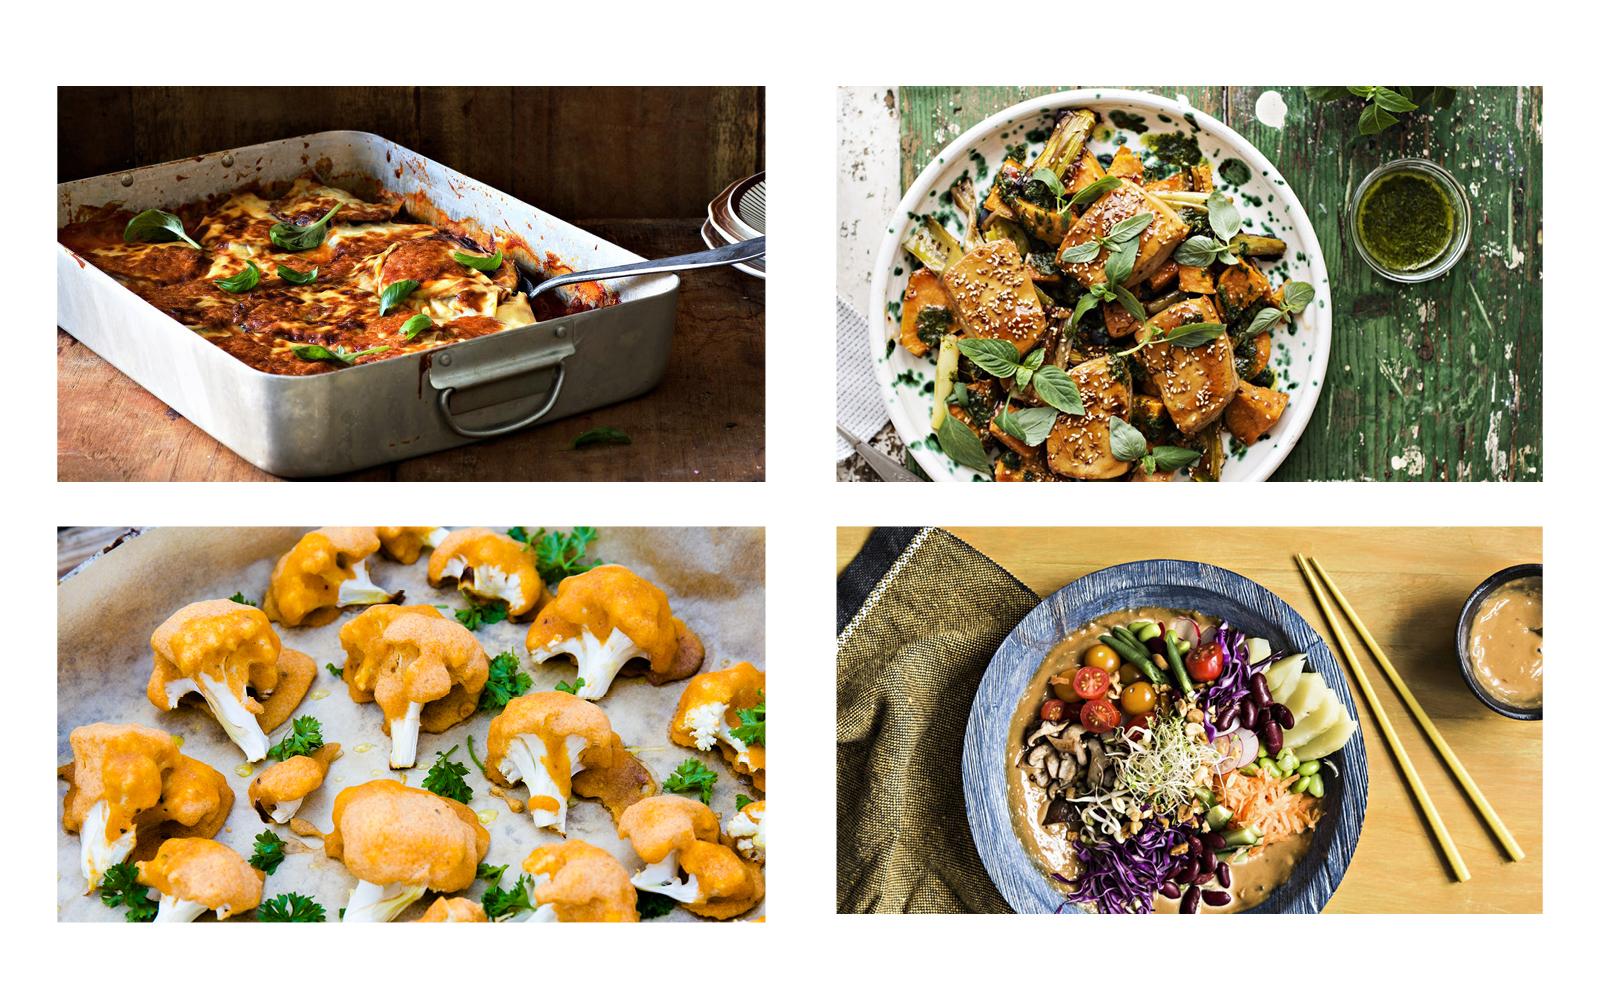 Vennerin keittiössä reseptien kasvisruoka ateriakuvia.